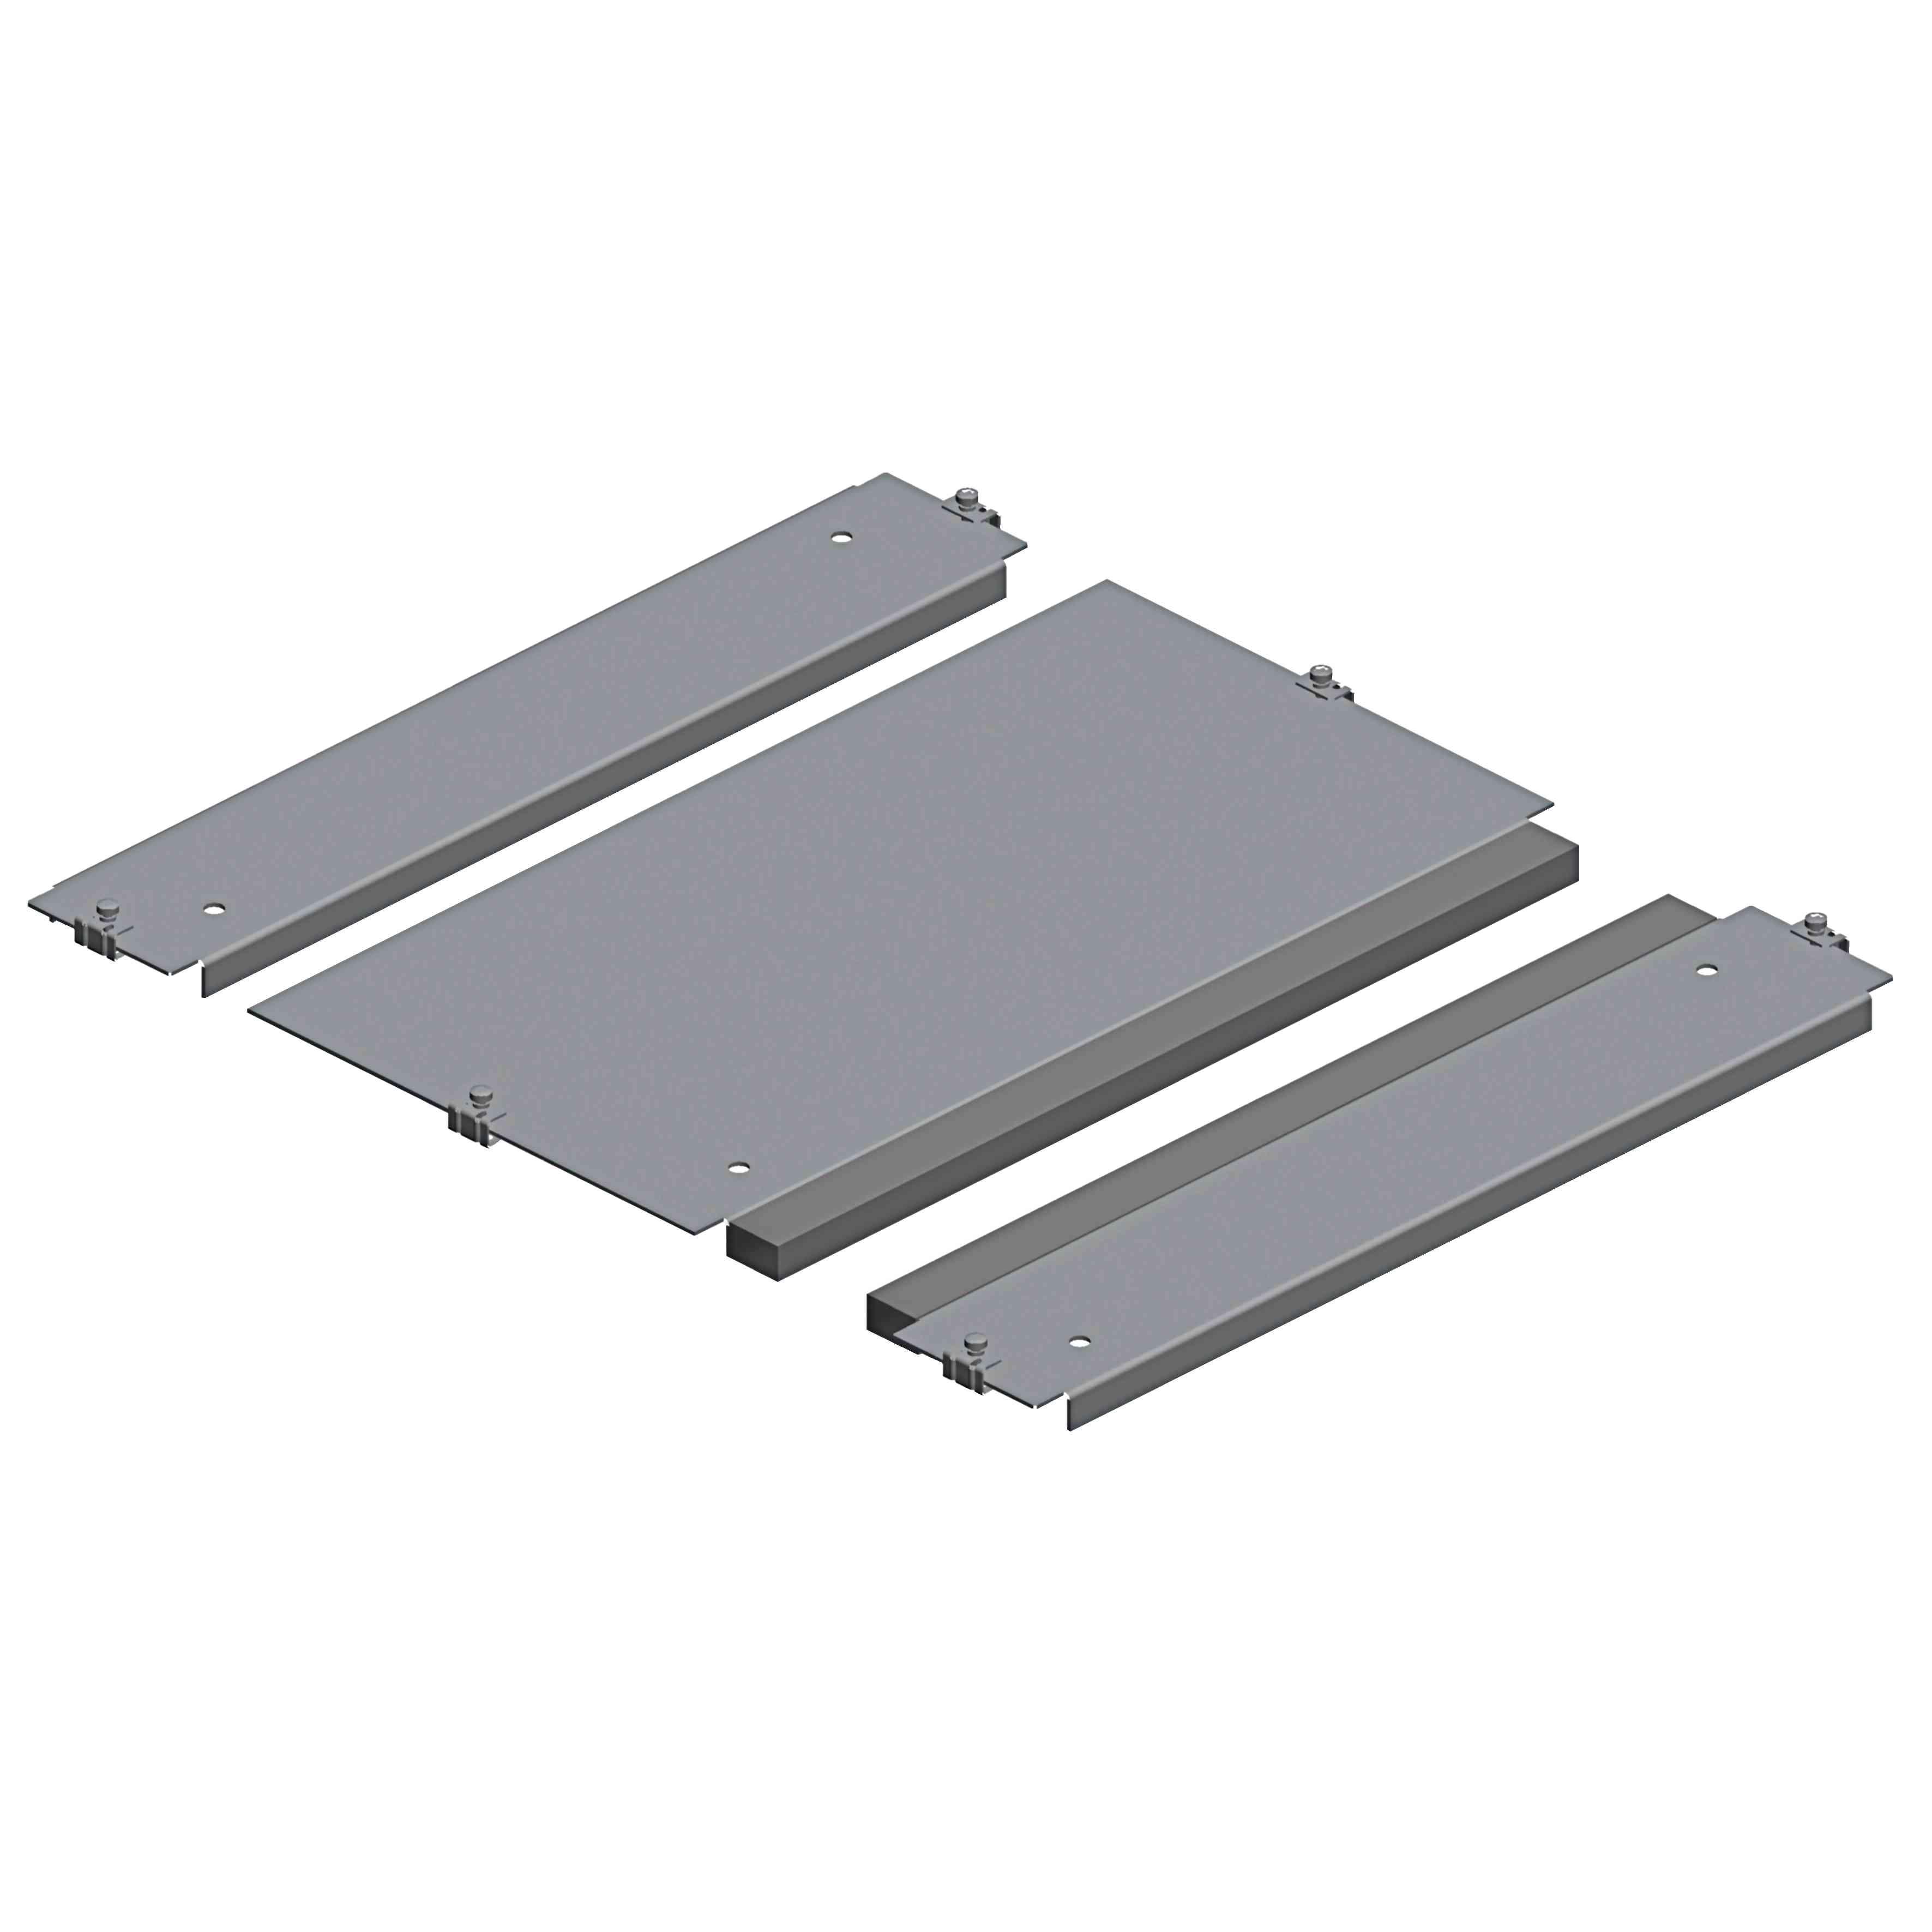 Spacial SF plošča kab. uvodnice z 1 vh. - pritr. s sponkami - 600 x 1200 mm